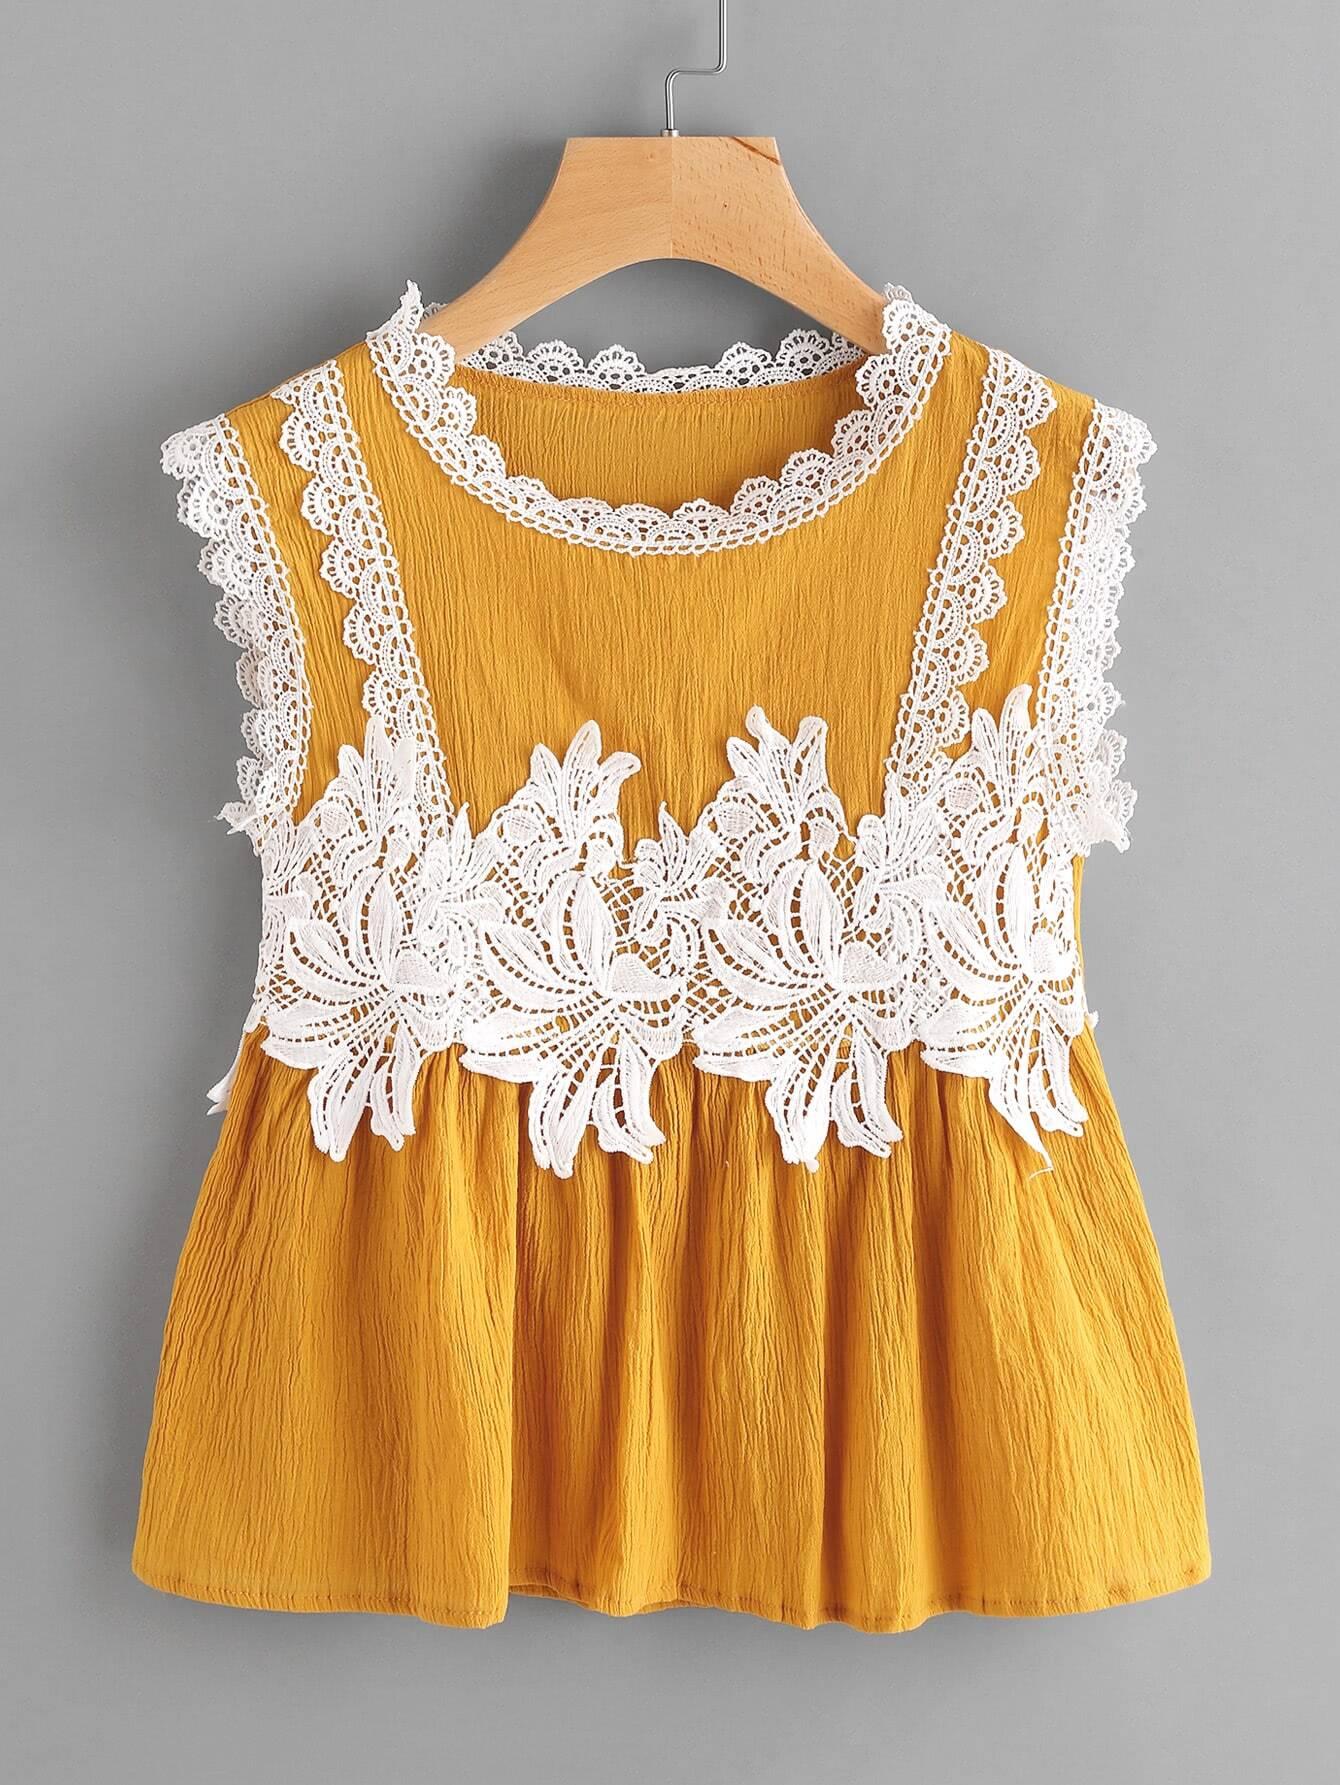 Contrast Crochet Appliques Trim Smock Blouse contrast trim embroidered appliques strappy bra